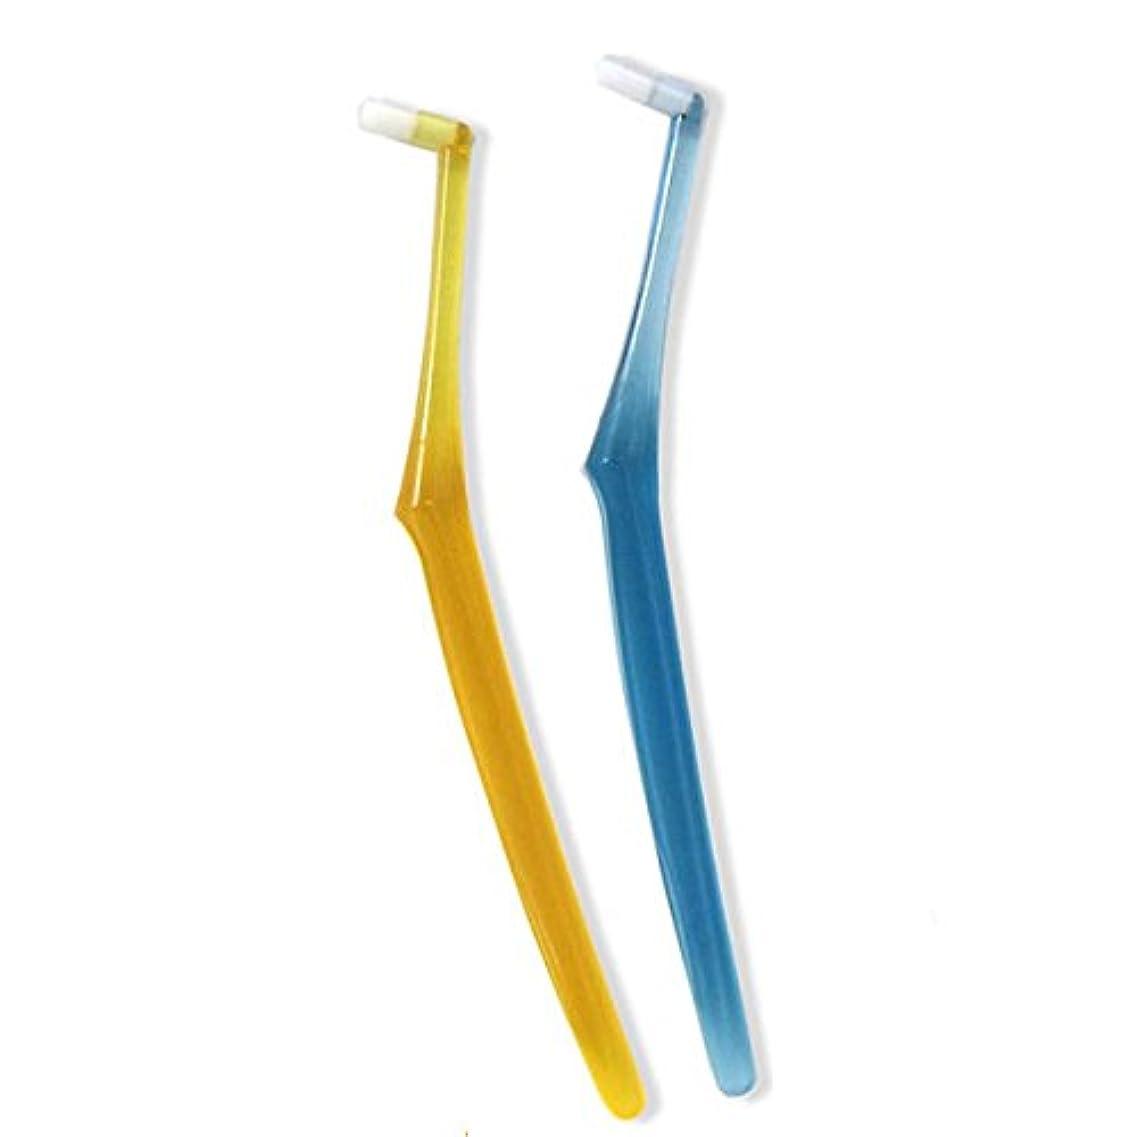 1本【ワンタフト】オーラルケア インプロ インプラント専用 歯ブラシ (US(ウルトラソフト))